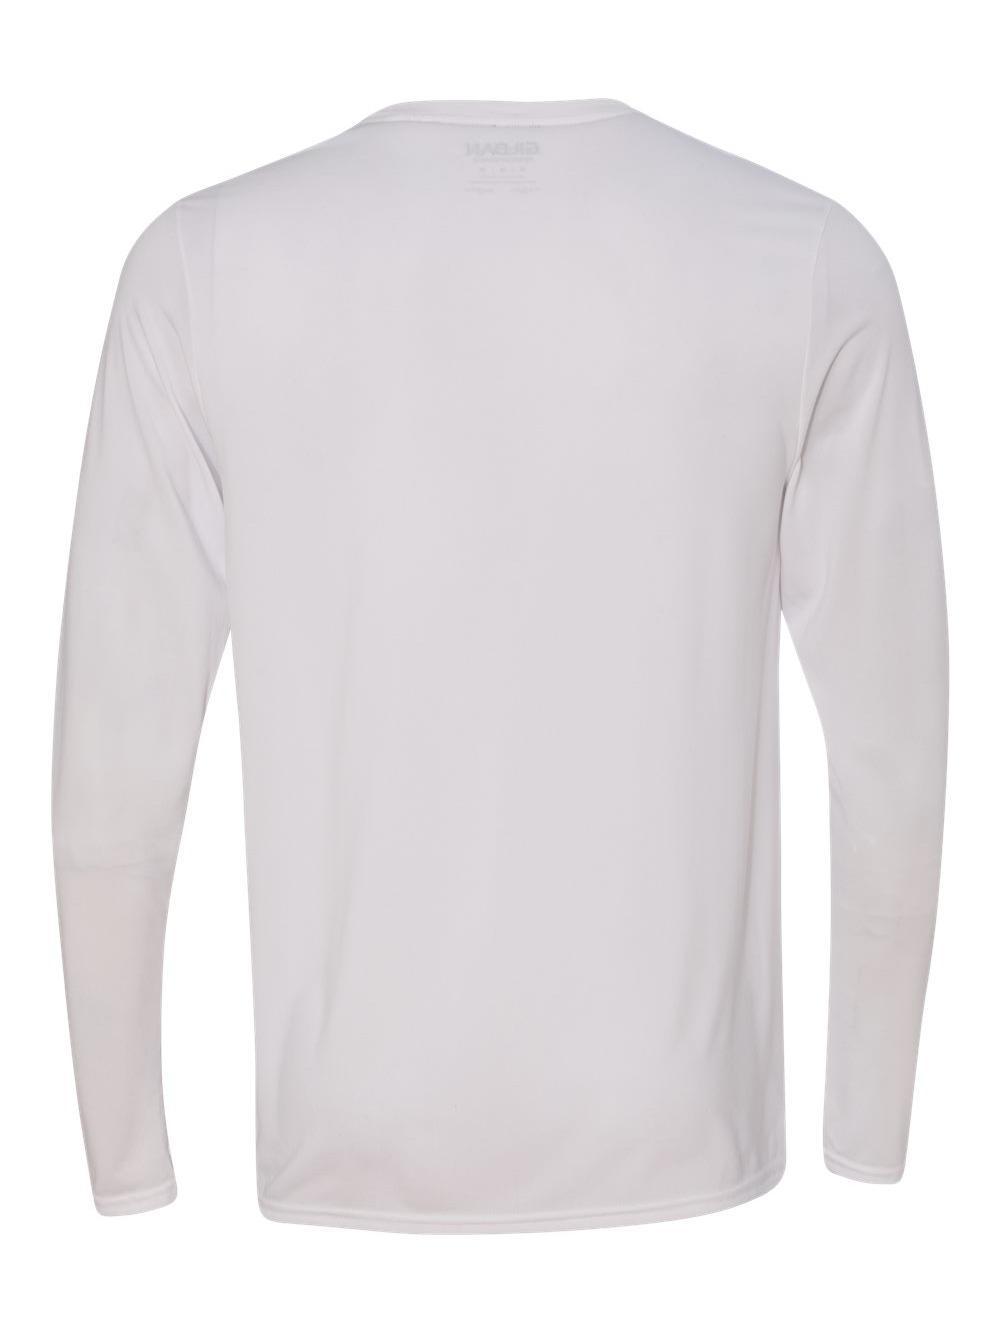 Gildan-Tech-Performance-Long-Sleeve-T-Shirt-47400 miniatura 25